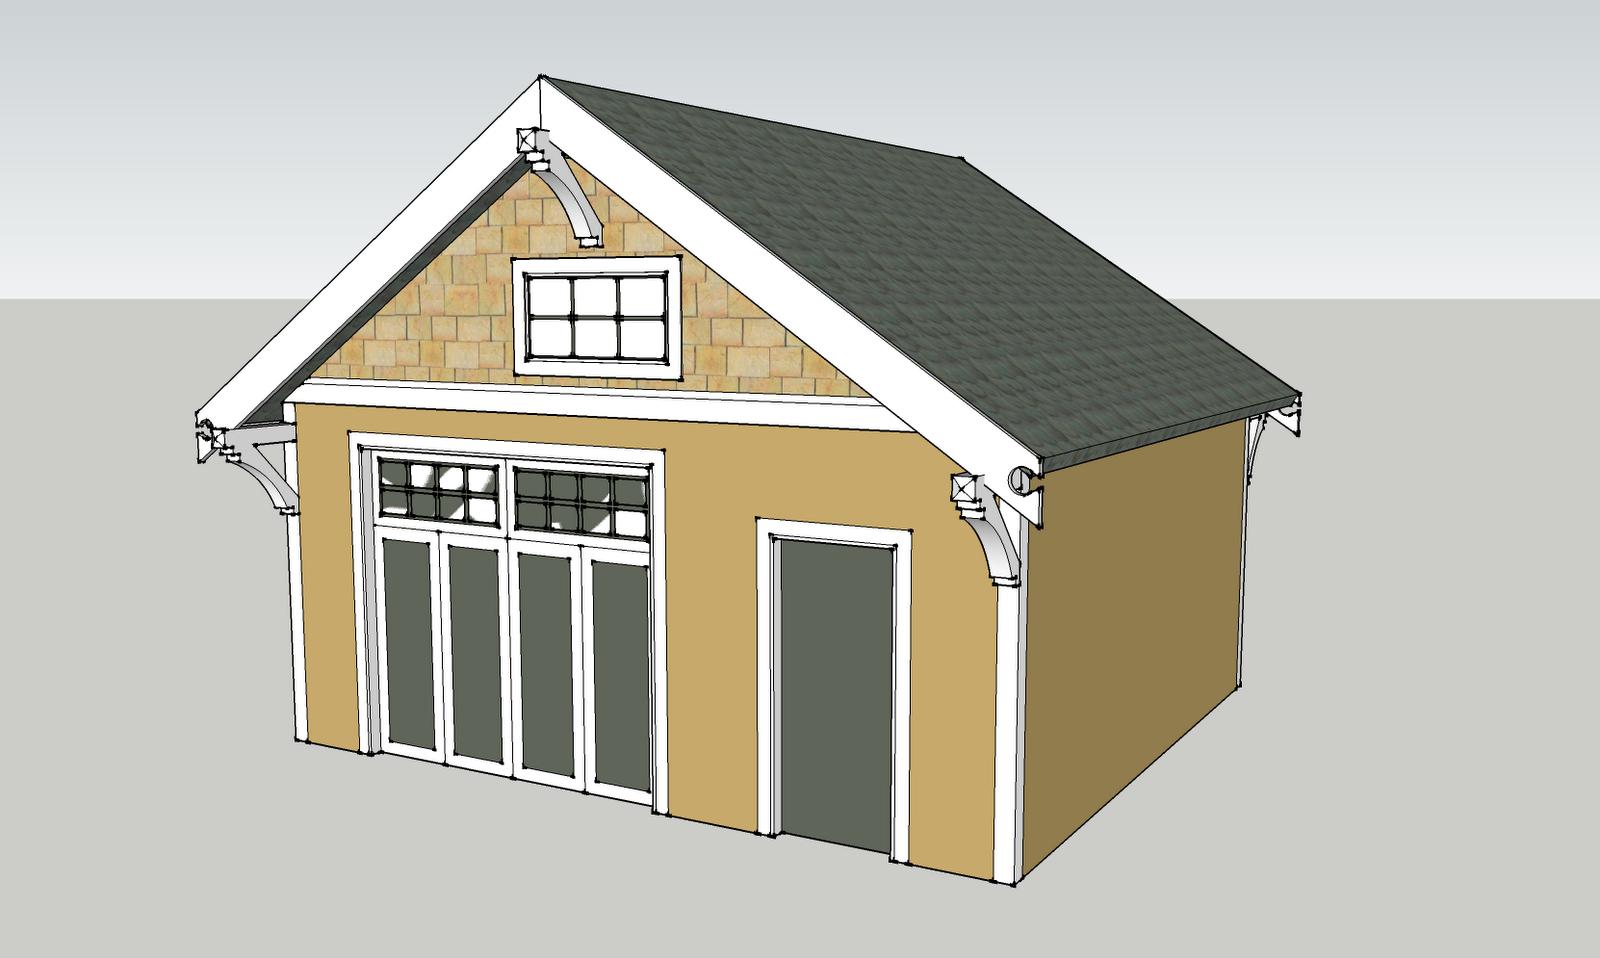 Laurelhurst craftsman bungalow garage dreaming for Bungalow garage